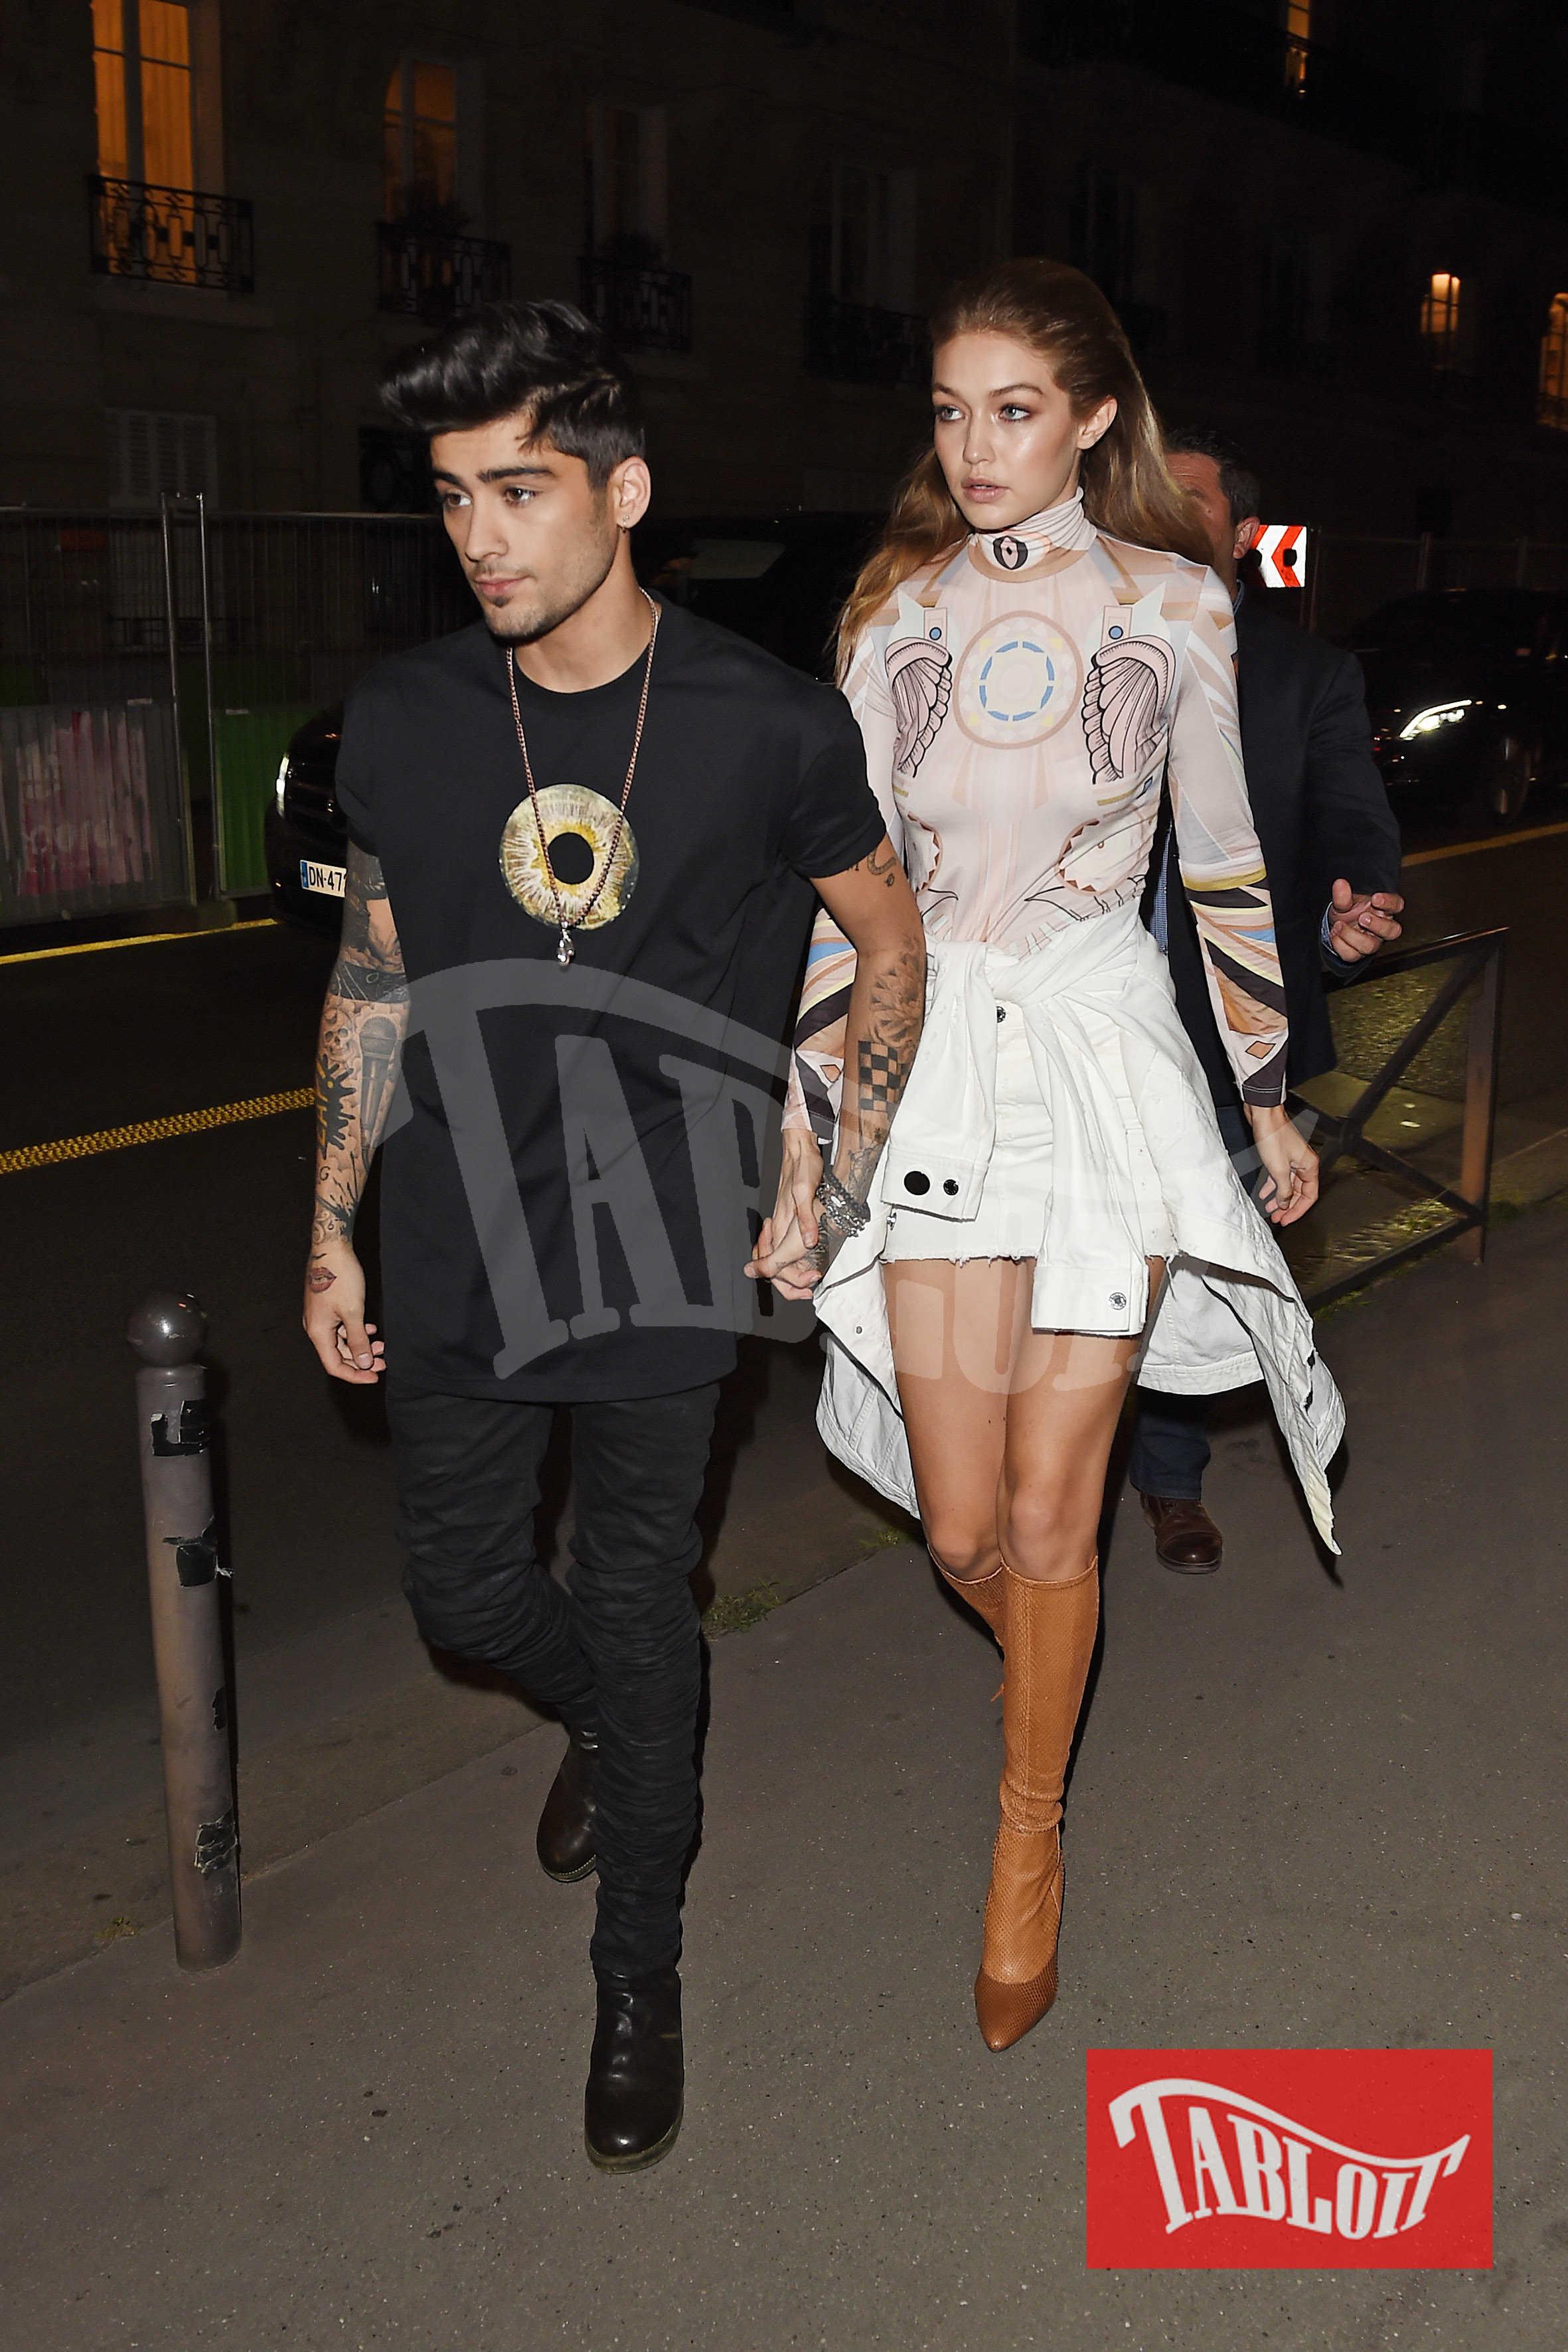 """l primo appuntamento tra Gigi Hadid e Zayn, hanno confidato i due, è stato """"molto bello"""" è si è svolto presso un ristorante di New York"""